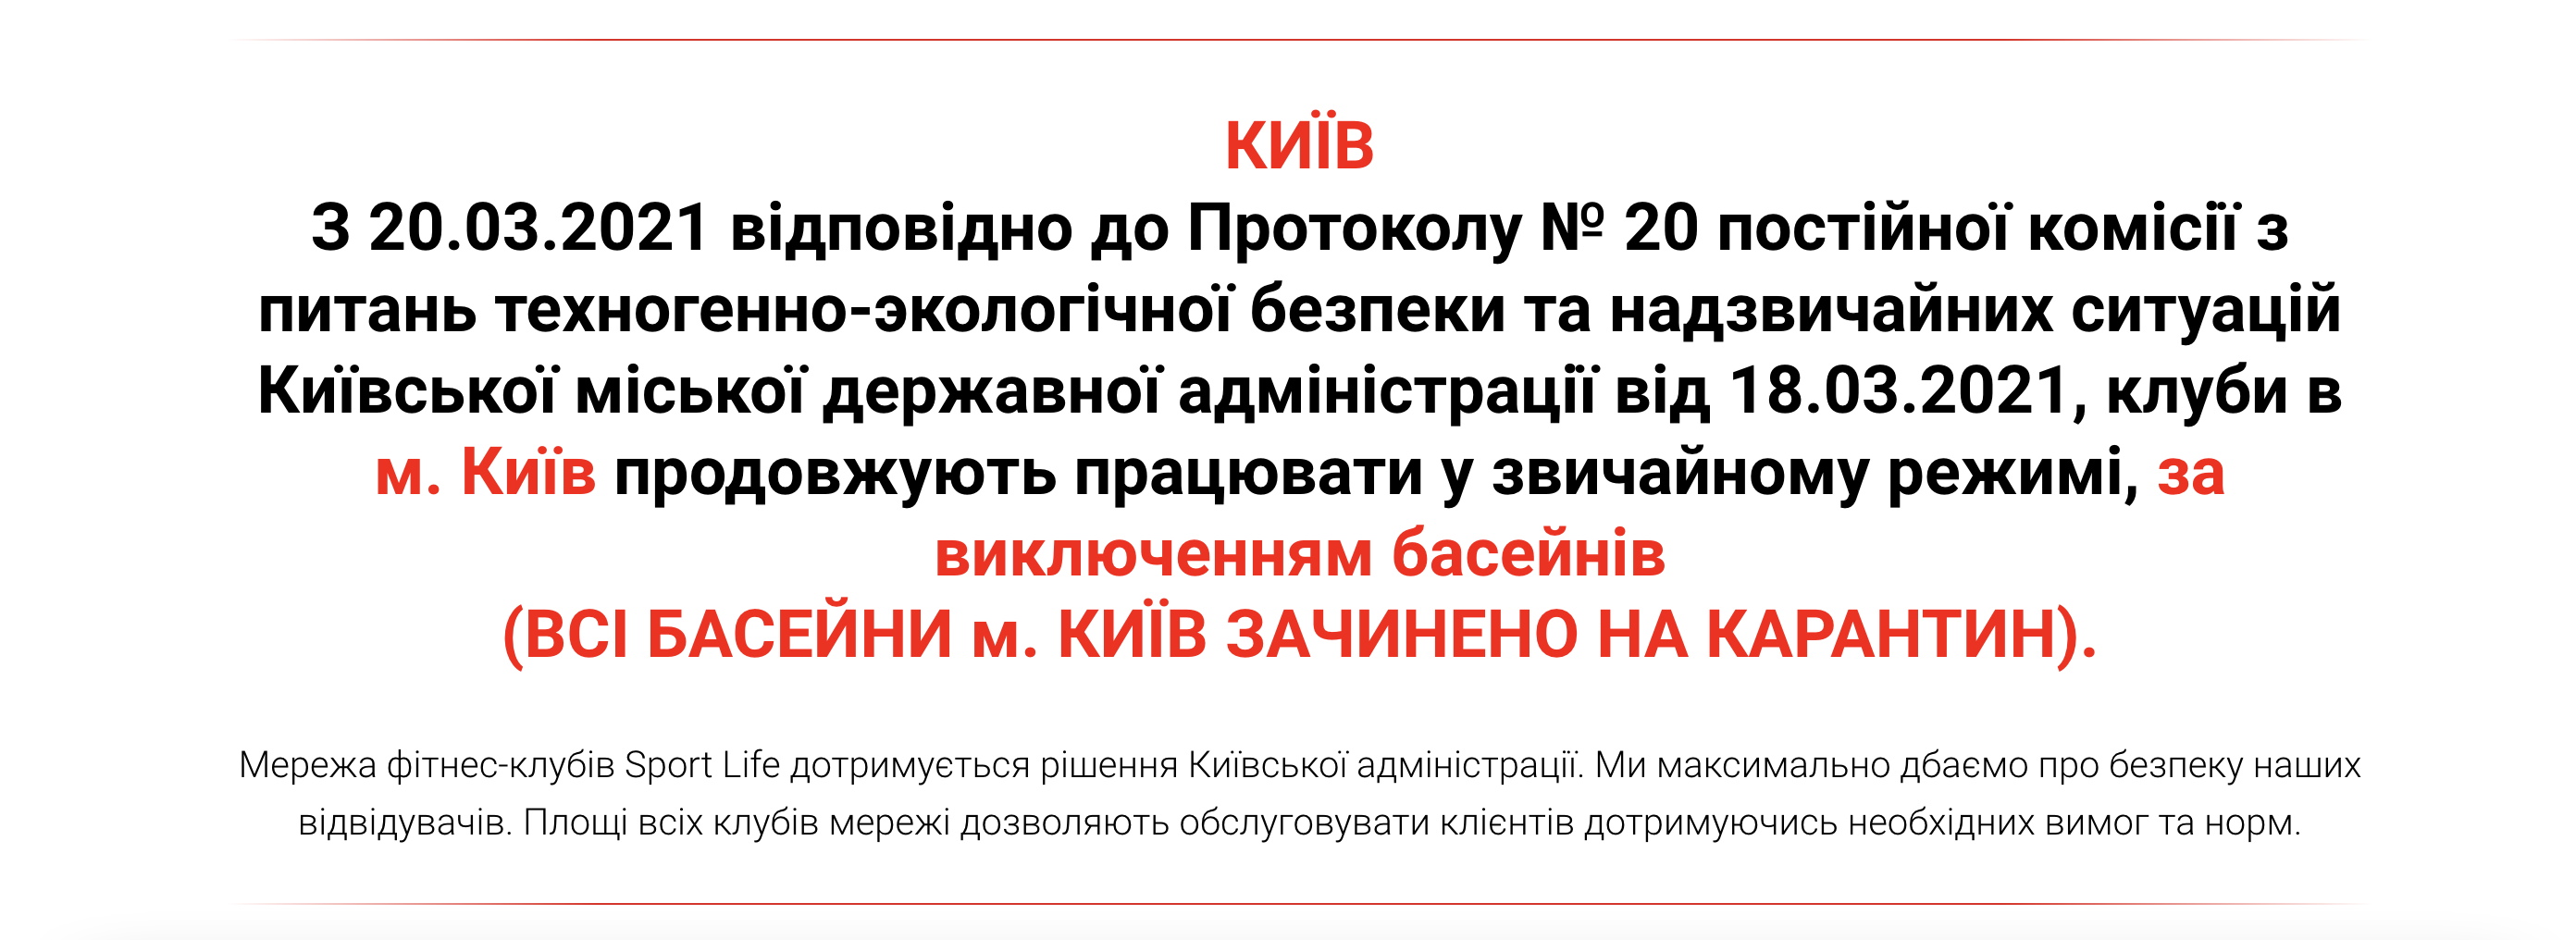 """В Києві мережа фітнес-клубів """"Спорт Лайф"""" порушує карантин"""